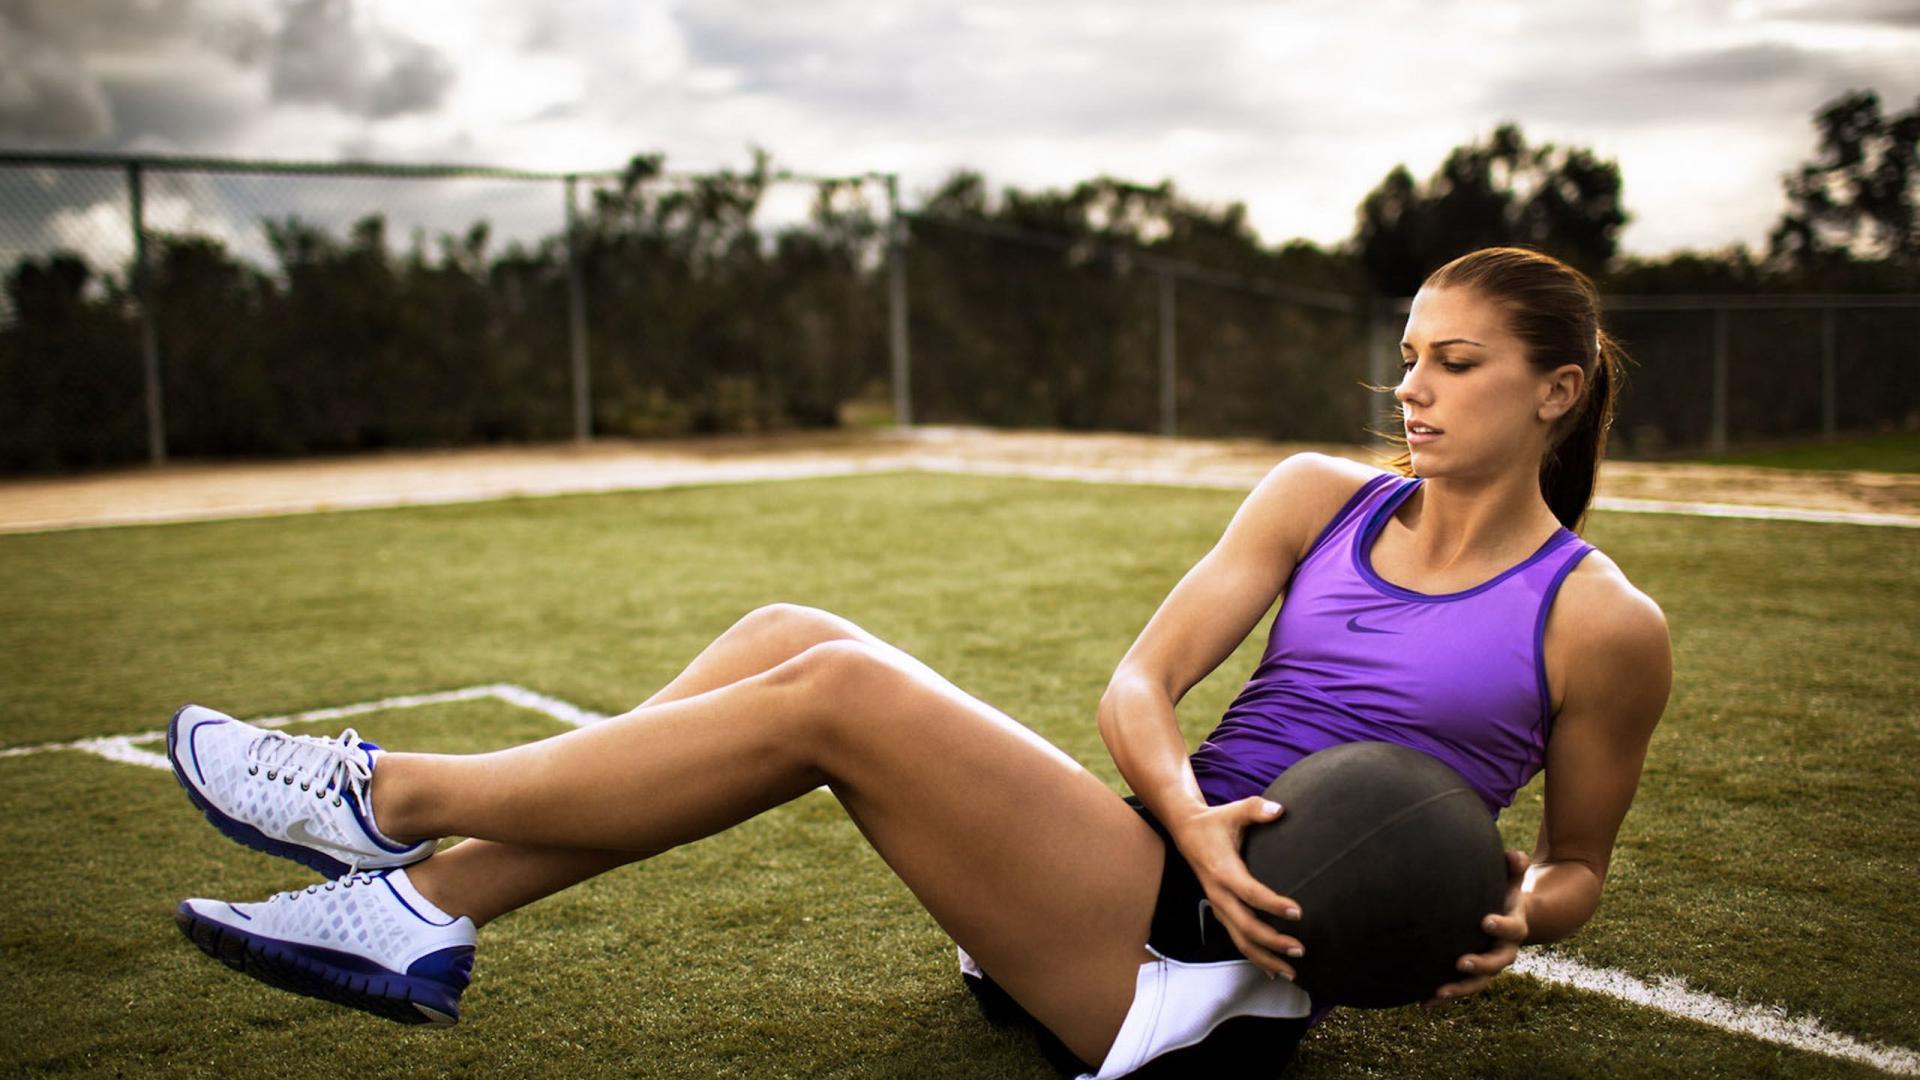 Estas deportistas te van a ayudar a levantar el ánimo y muchas cosas más